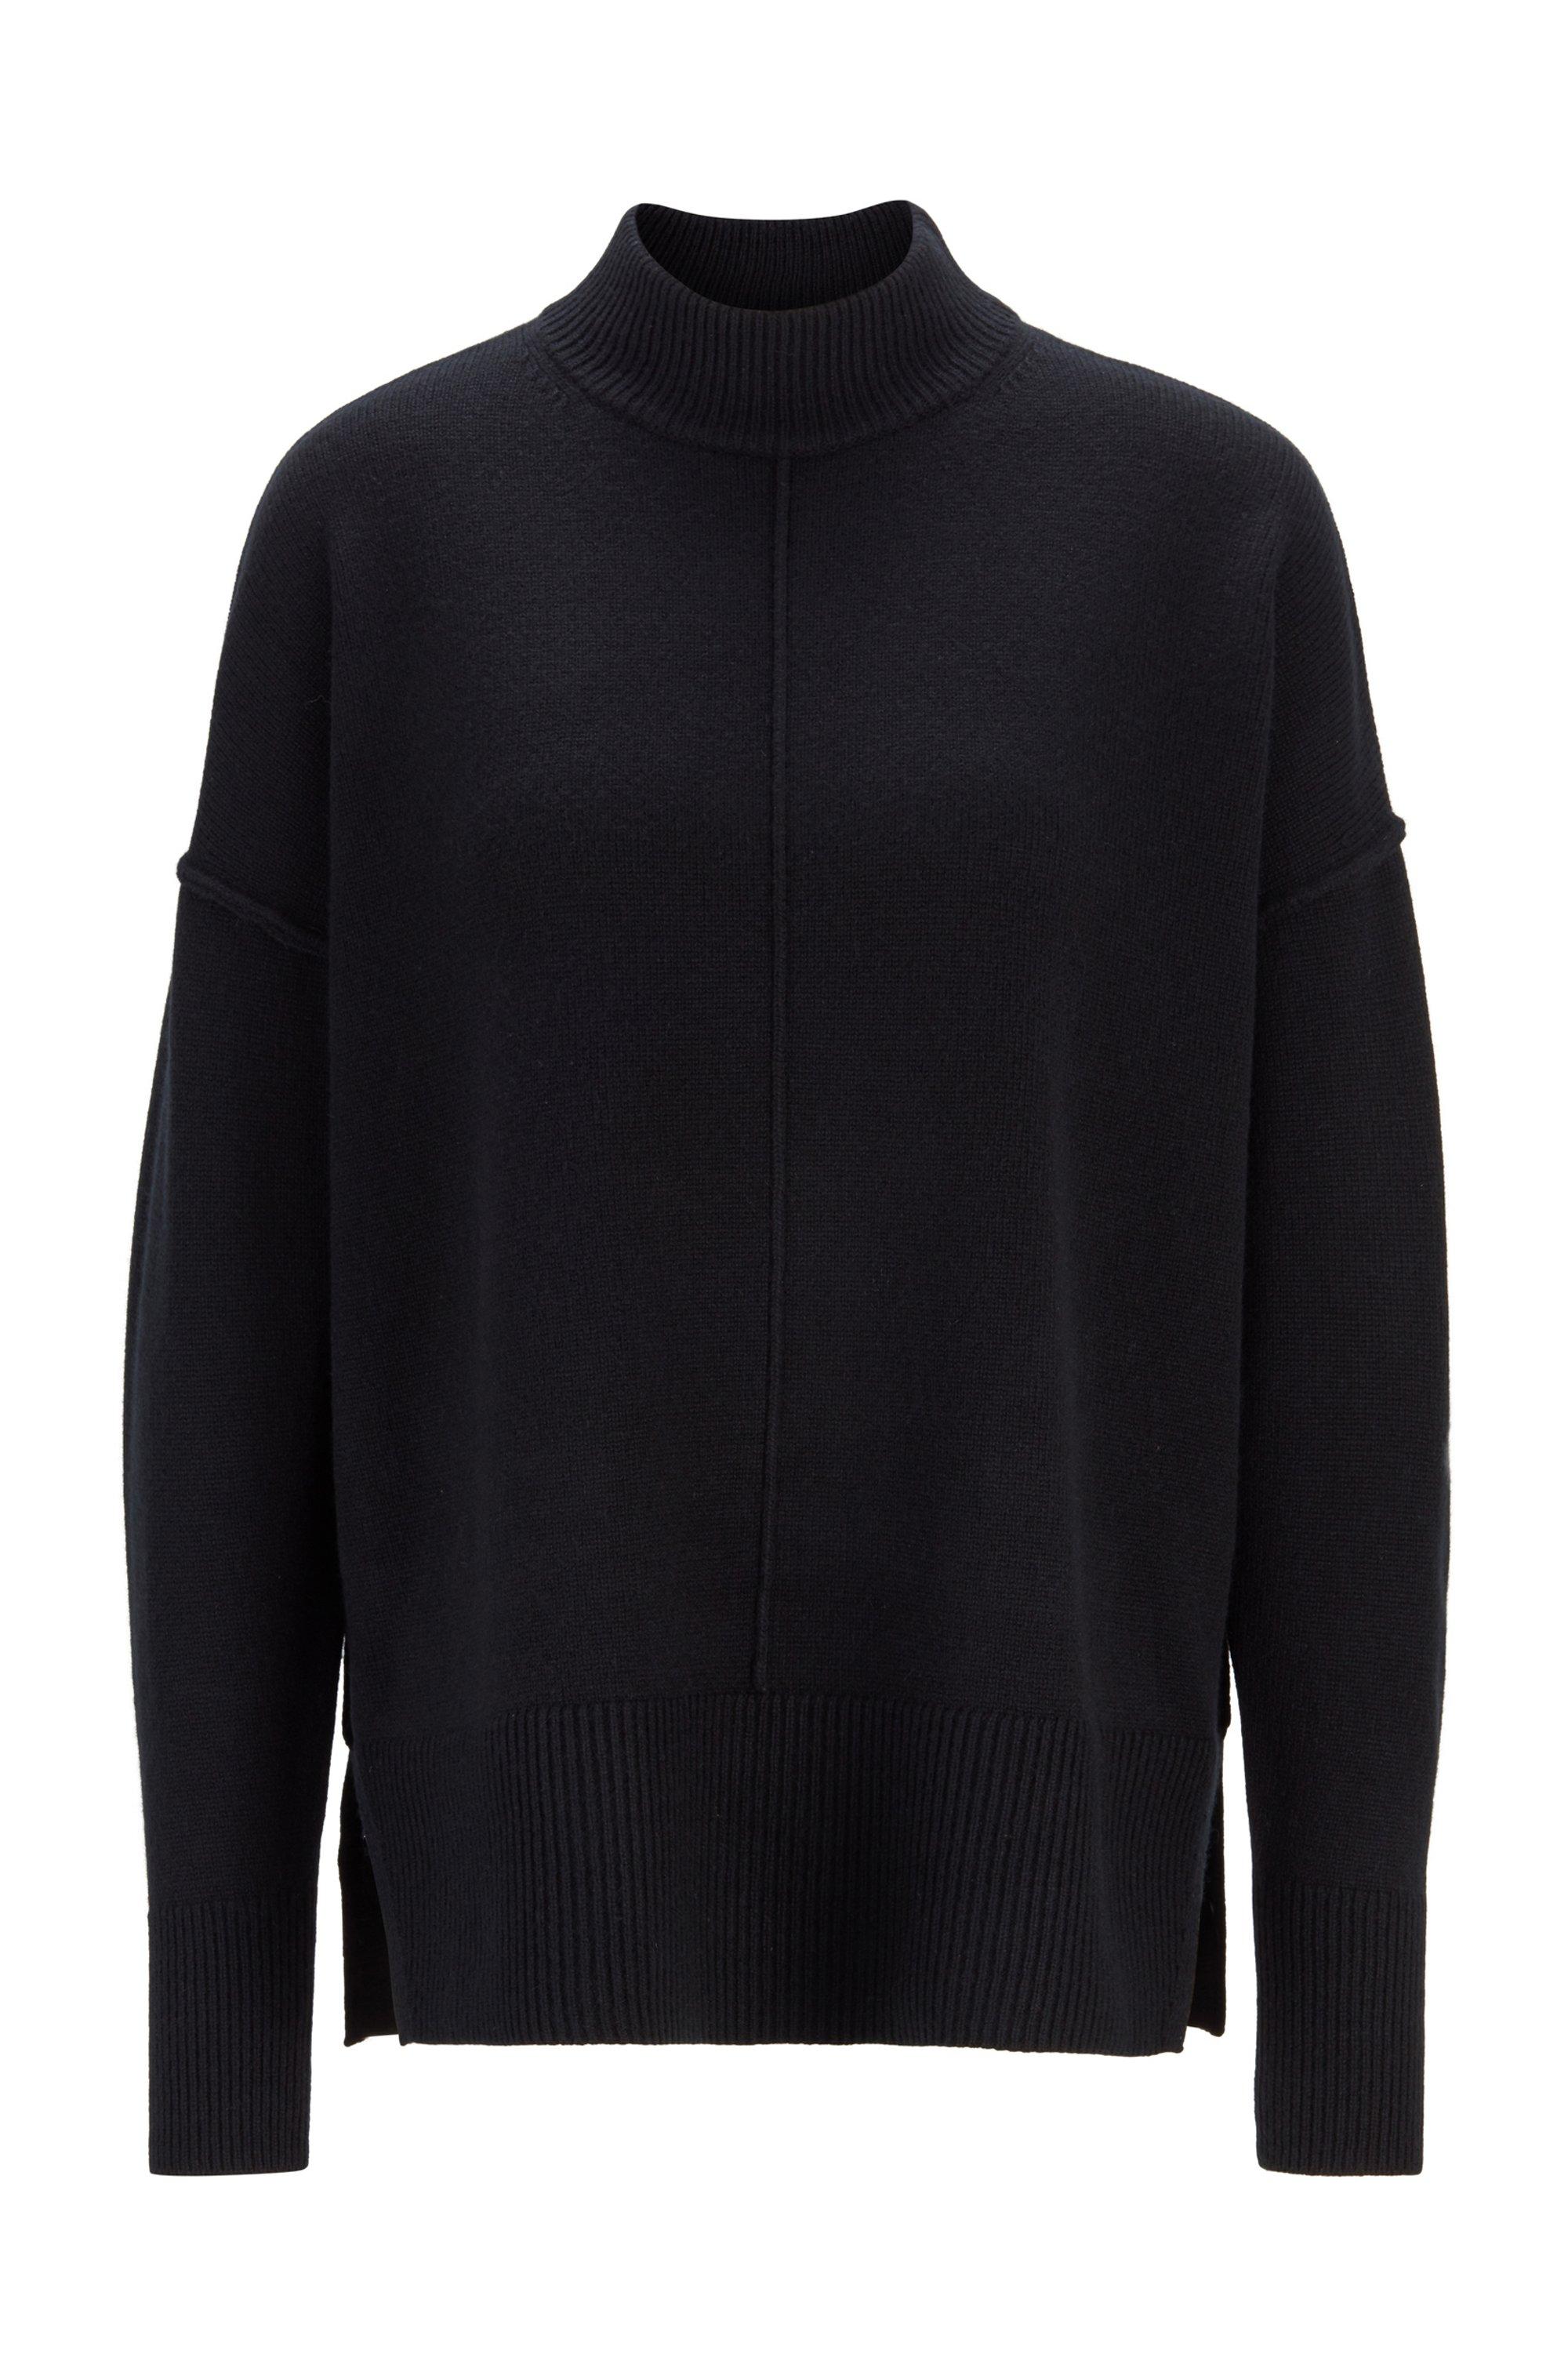 Pullover aus reinem Kaschmir mit Stehkragen, Schwarz